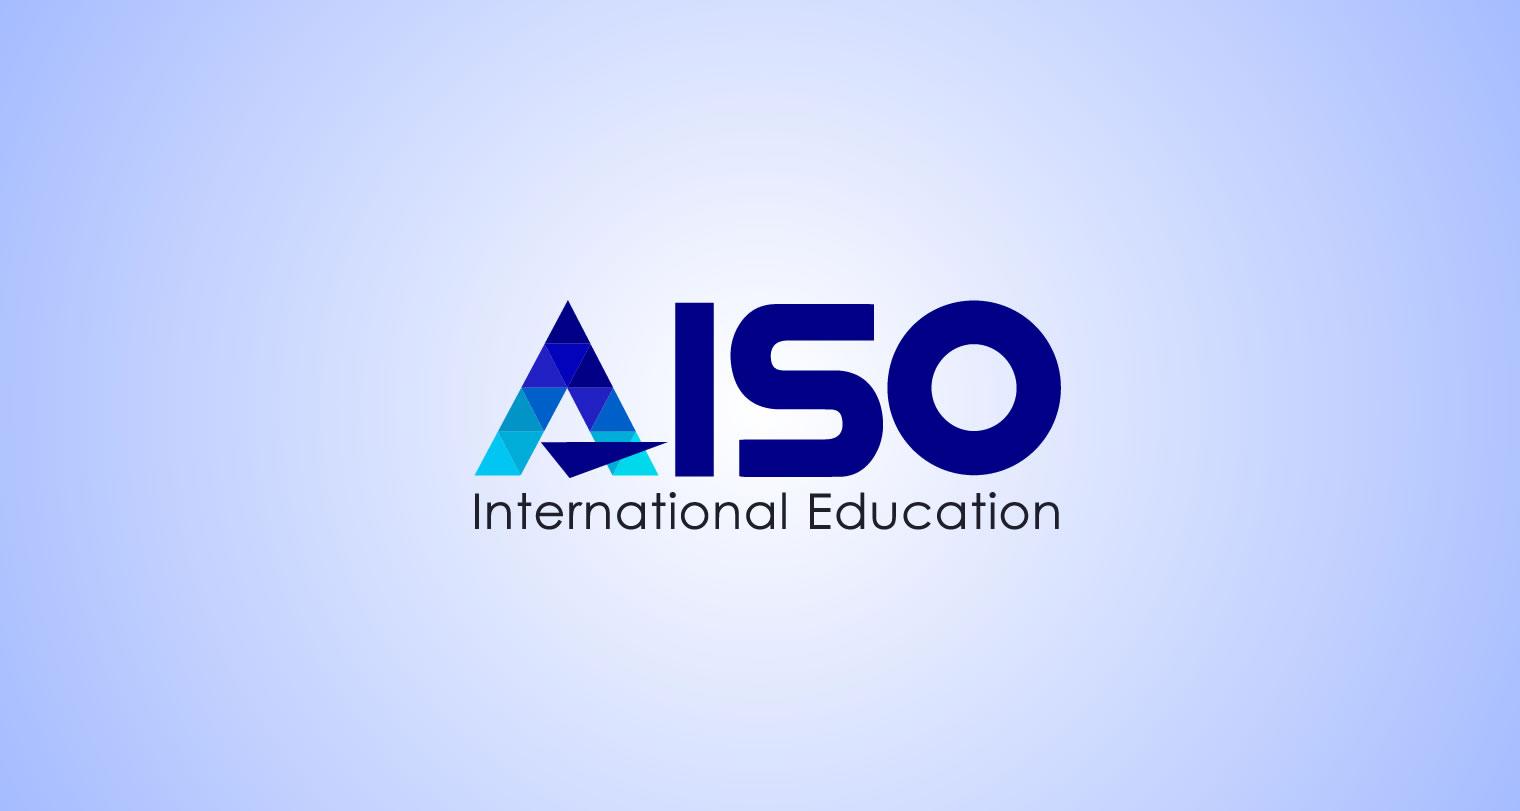 Como pagar tu asesorias con AISO